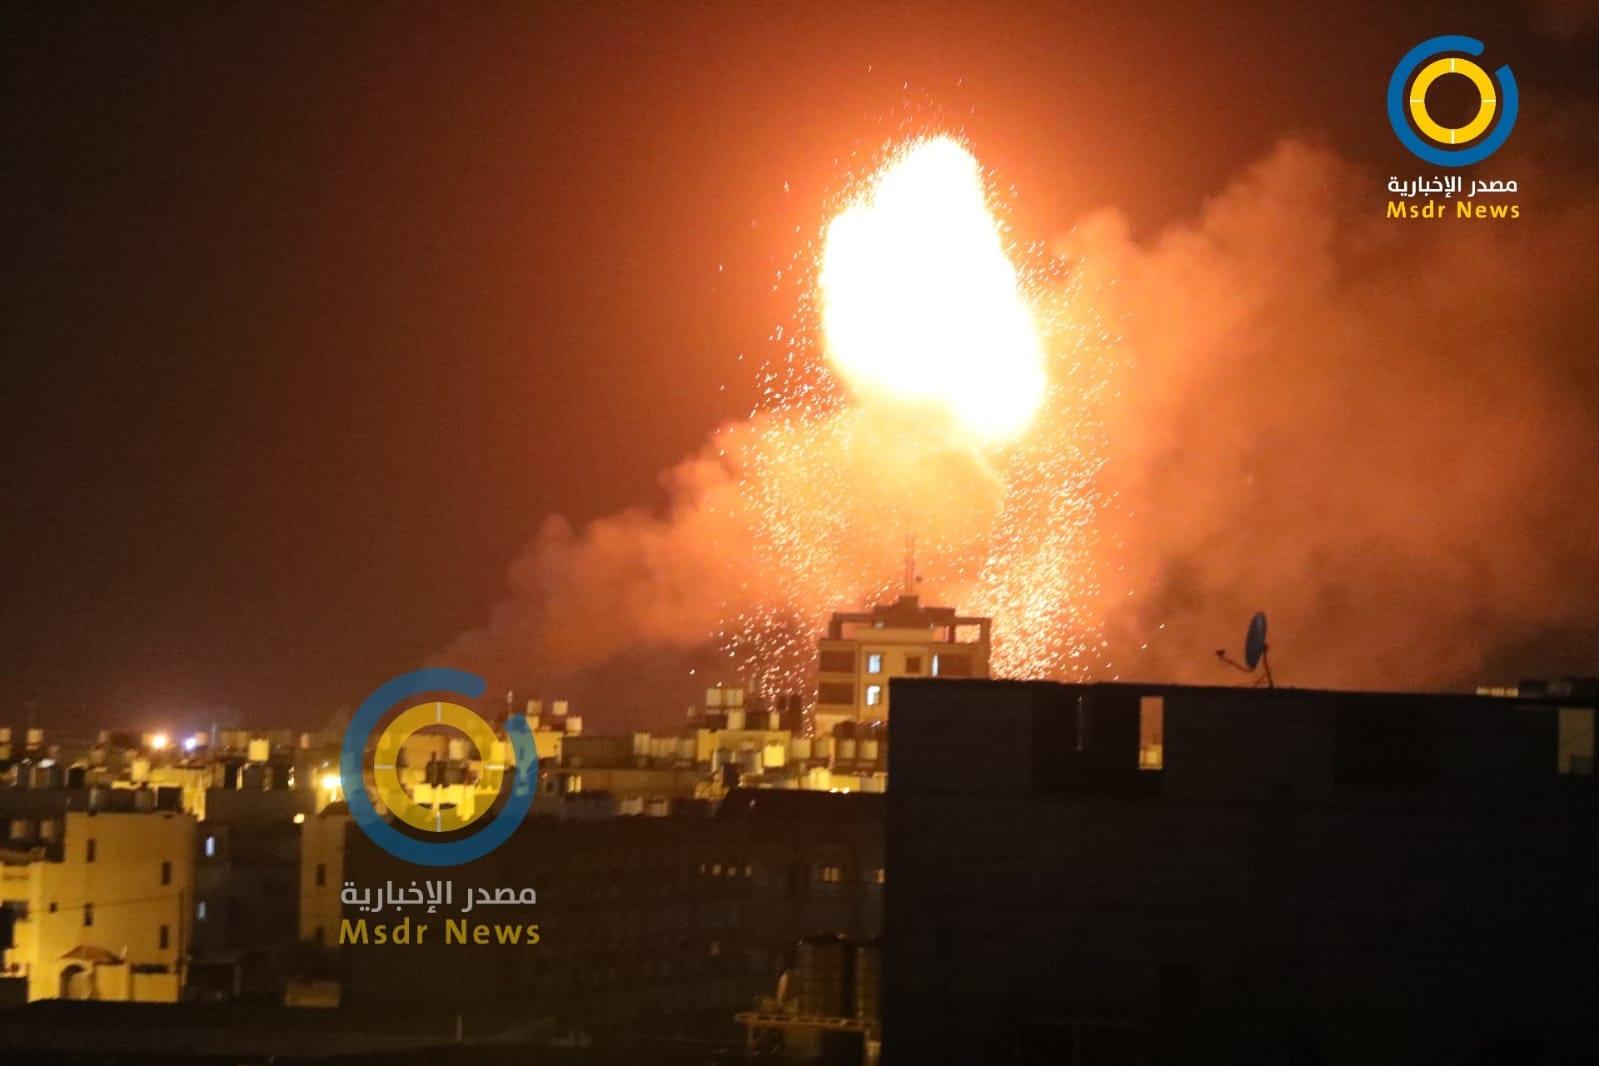 حماس: الاحتلال يحاول بقصفه لغزة التغطية على فشله وخيبته